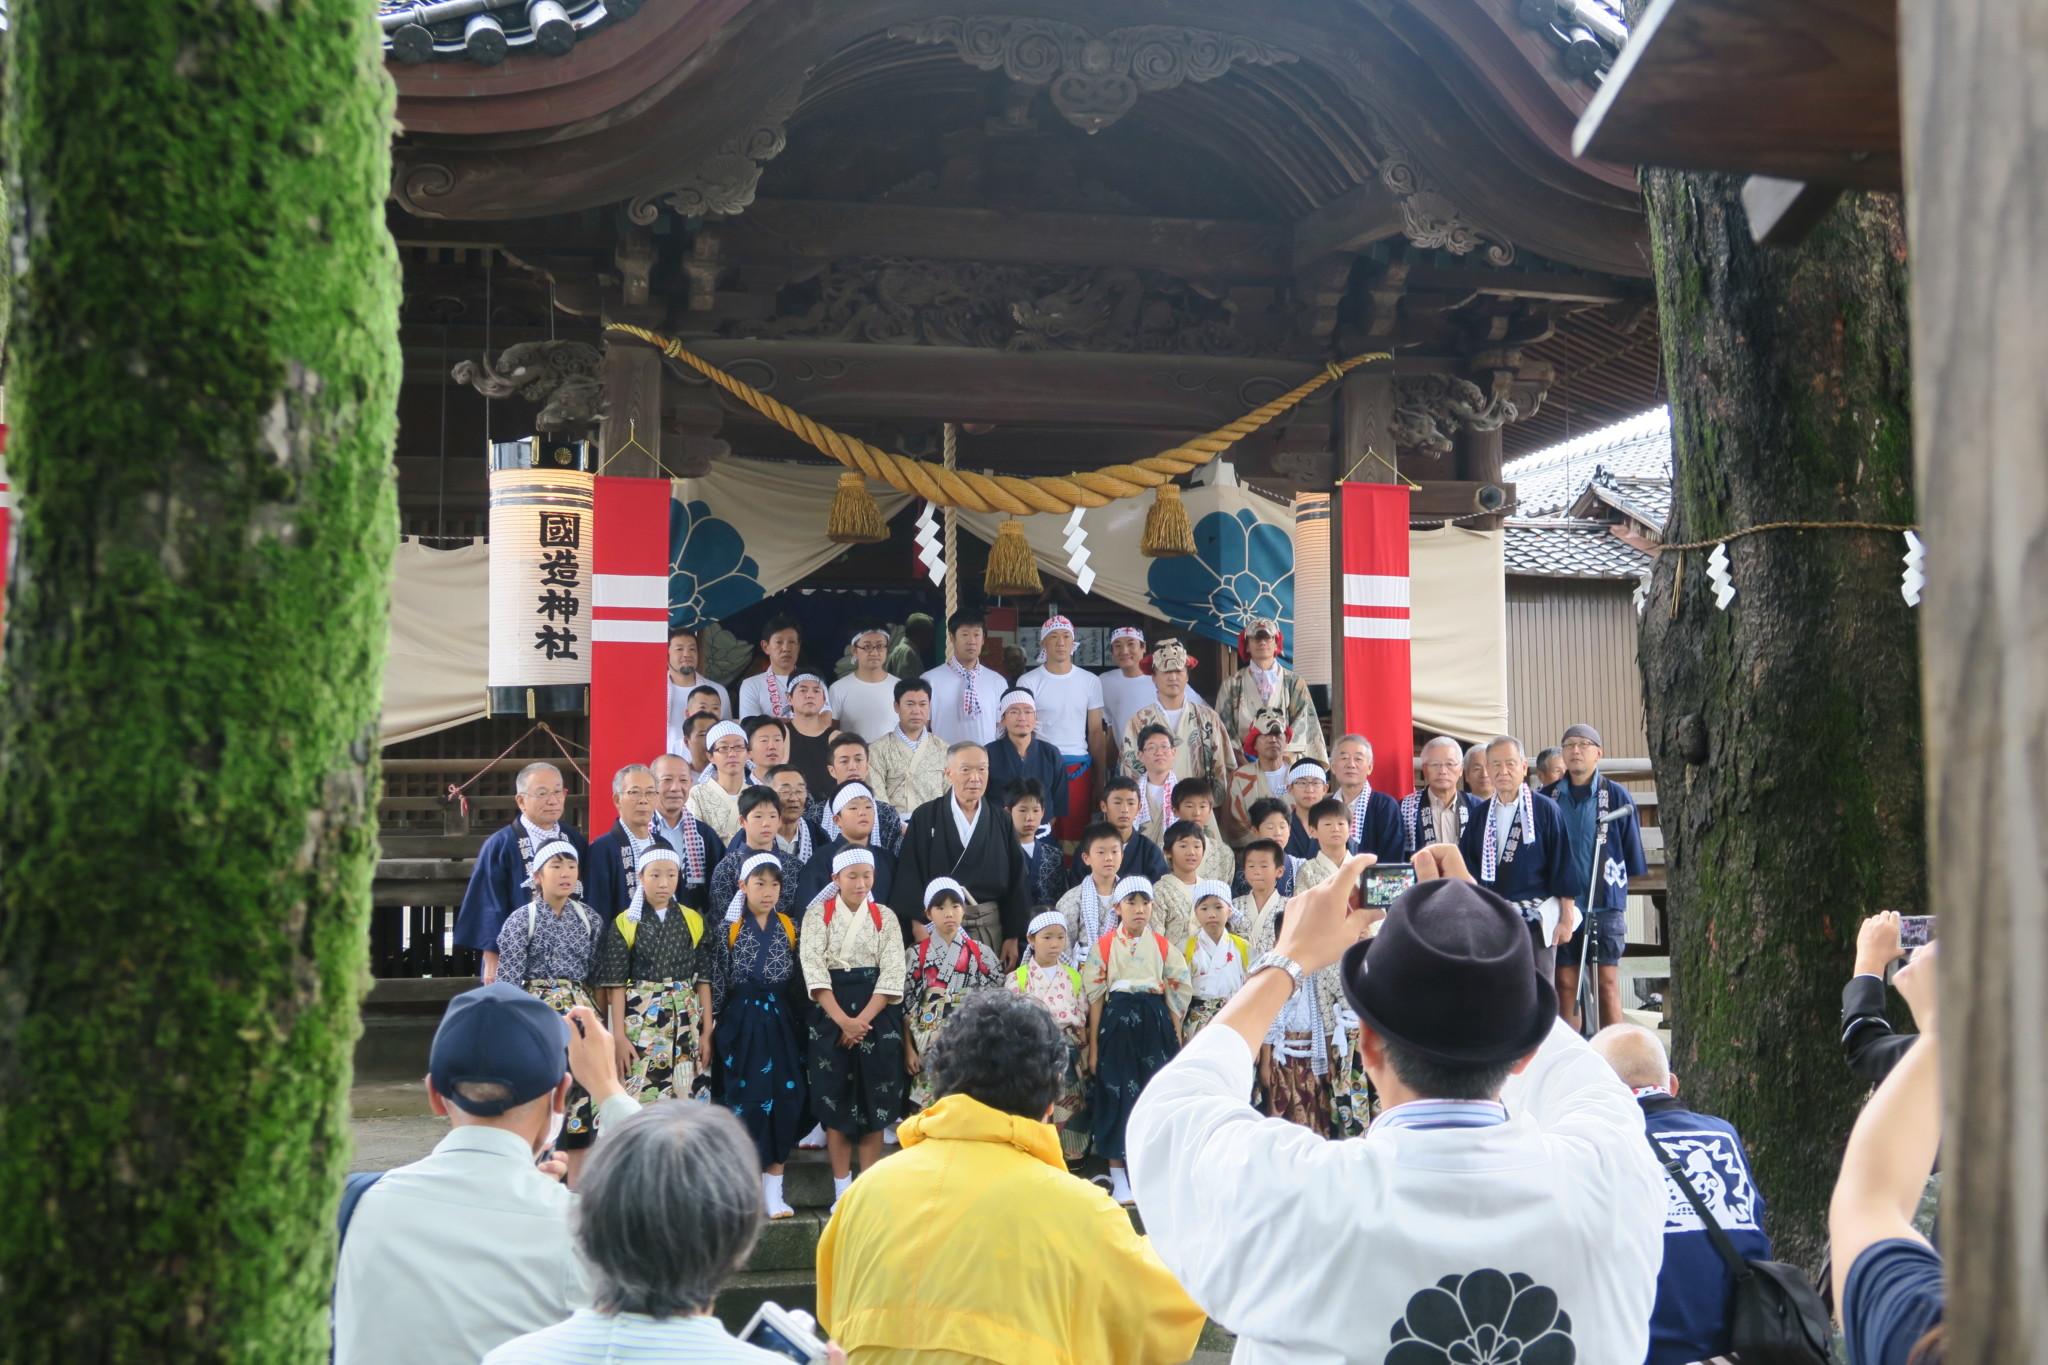 国造神社 泉獅子舞清祓式(平成30年)